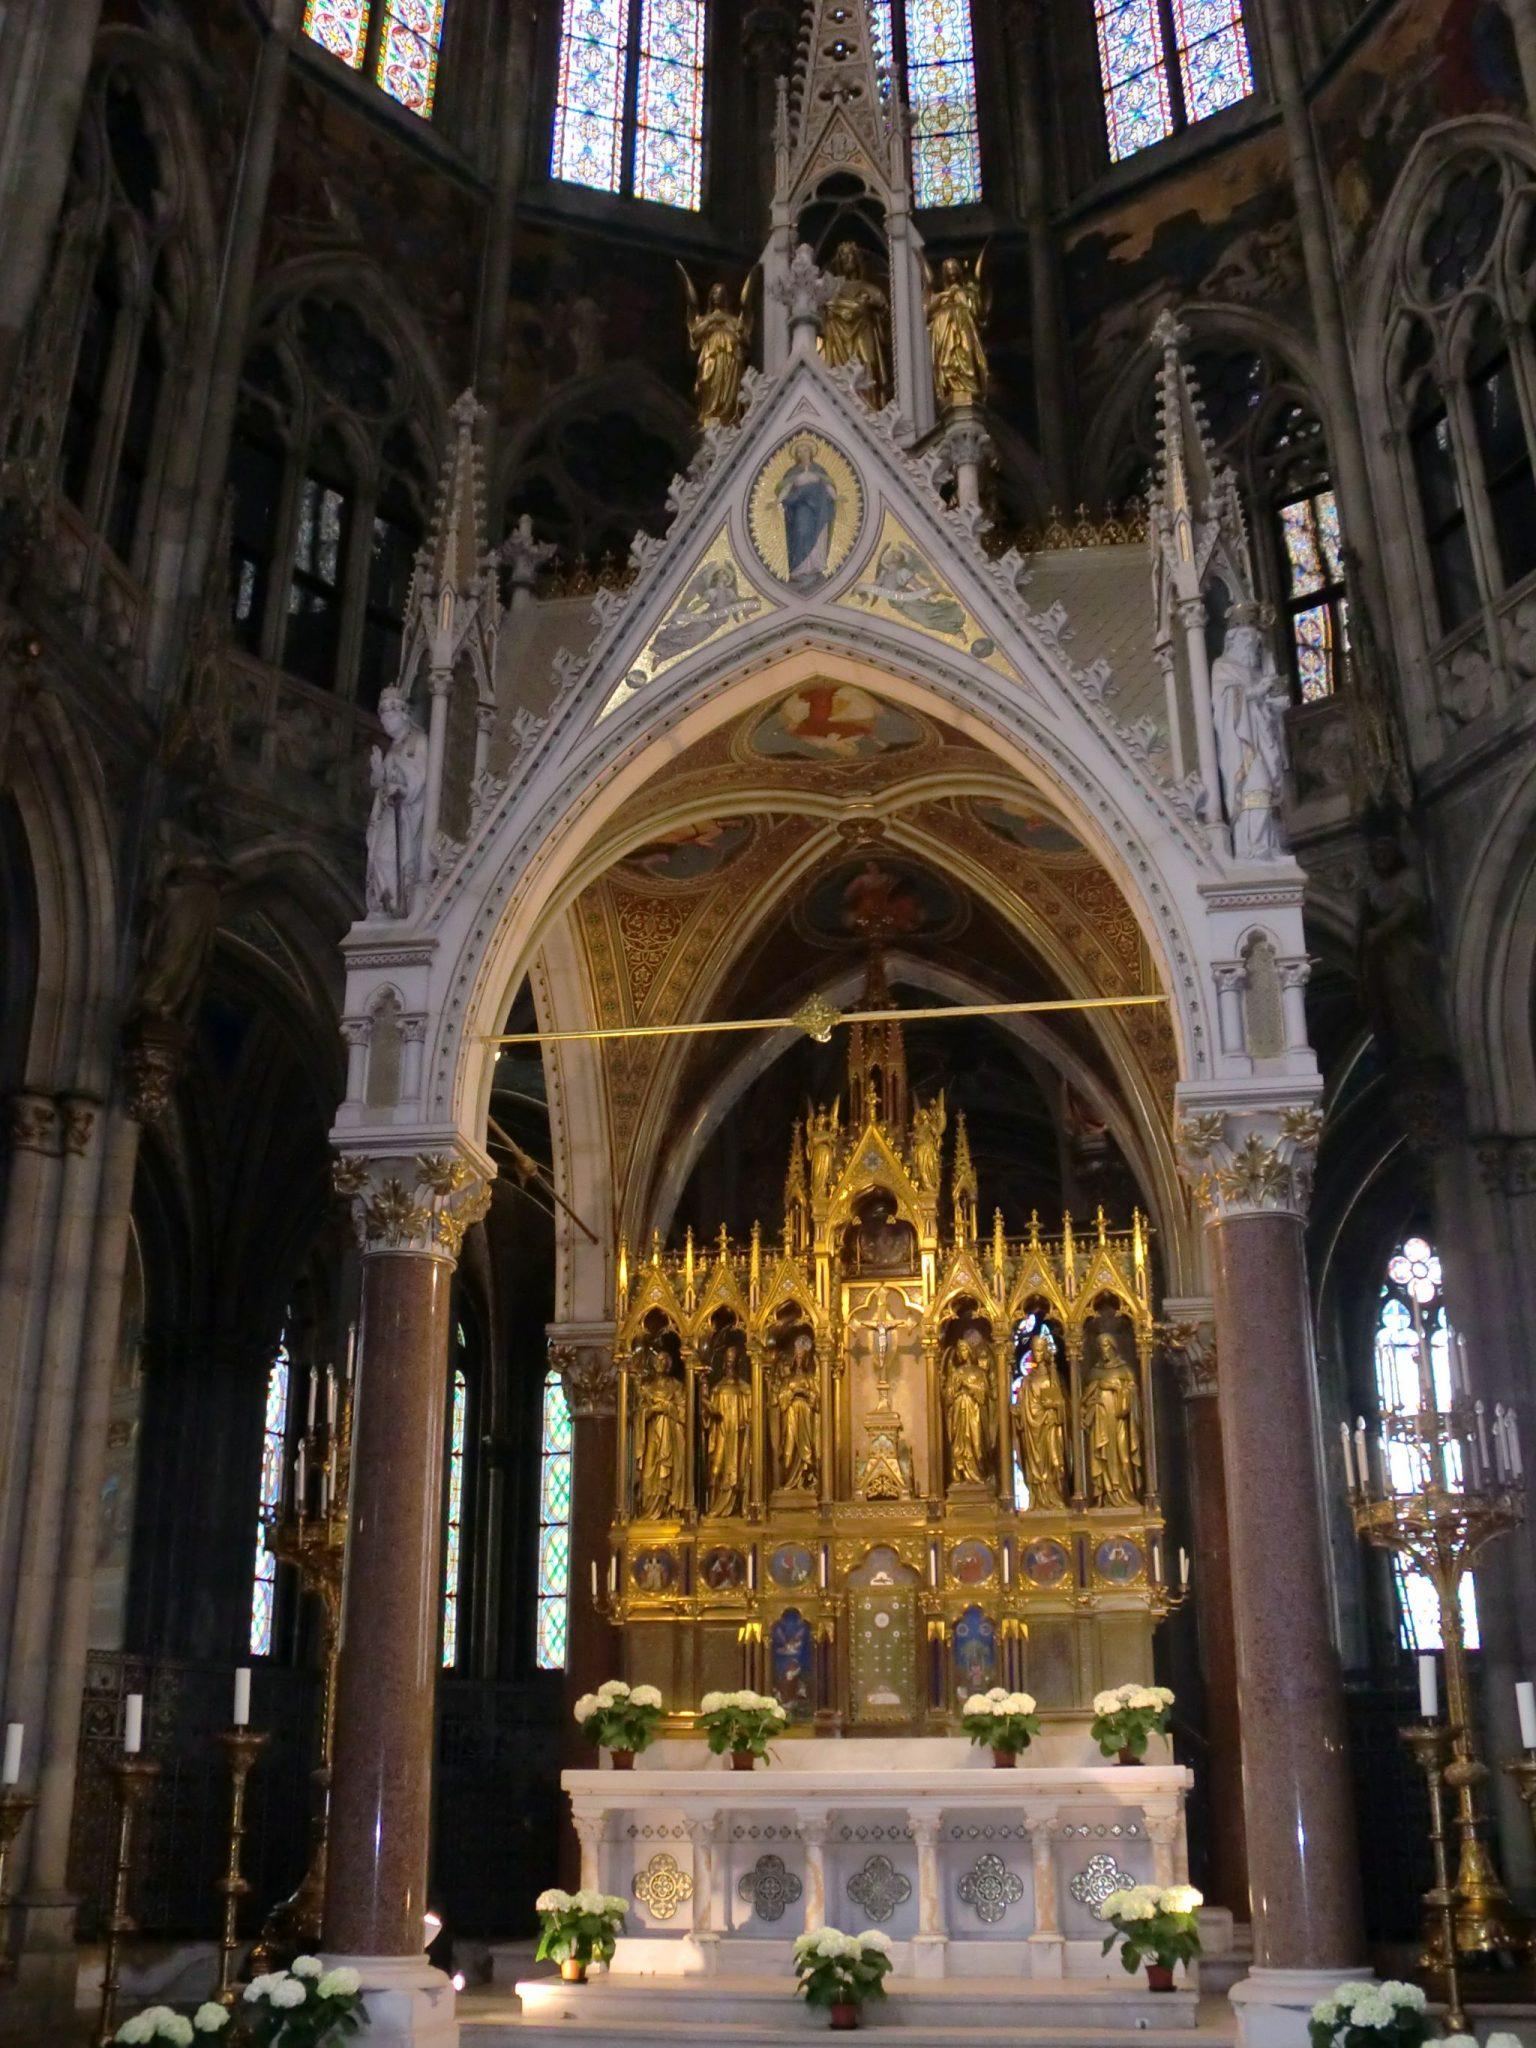 Vienna cathedral 20 1440x1920 - Vienna: elegant beauty